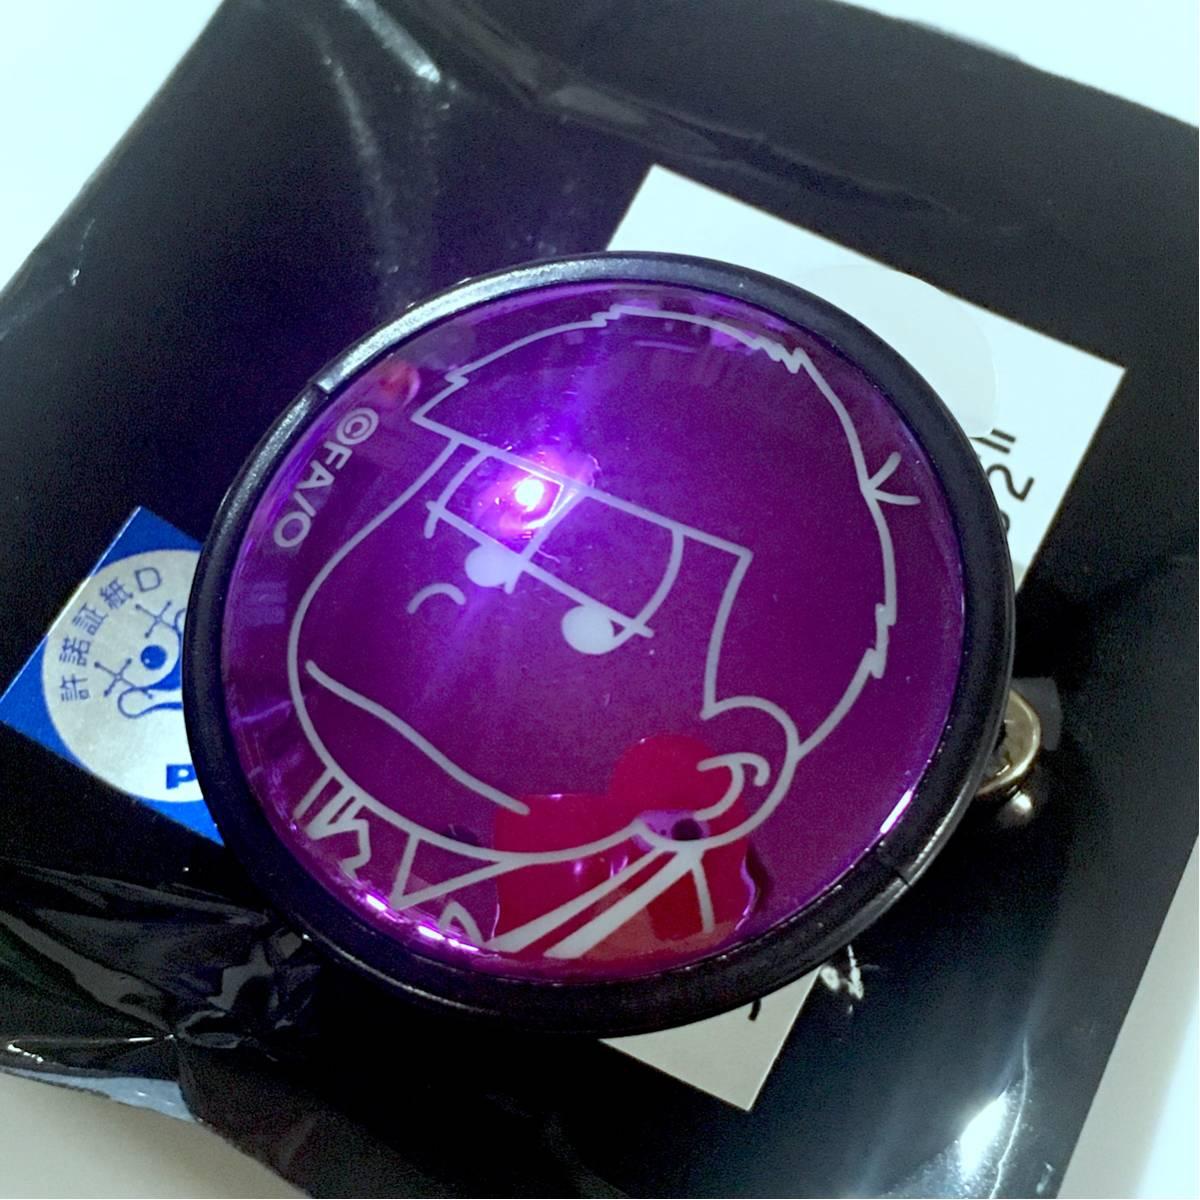 おそ松さん HMV限定 バッジライトコレクション 一松 ライトバッジコレクション グッズの画像